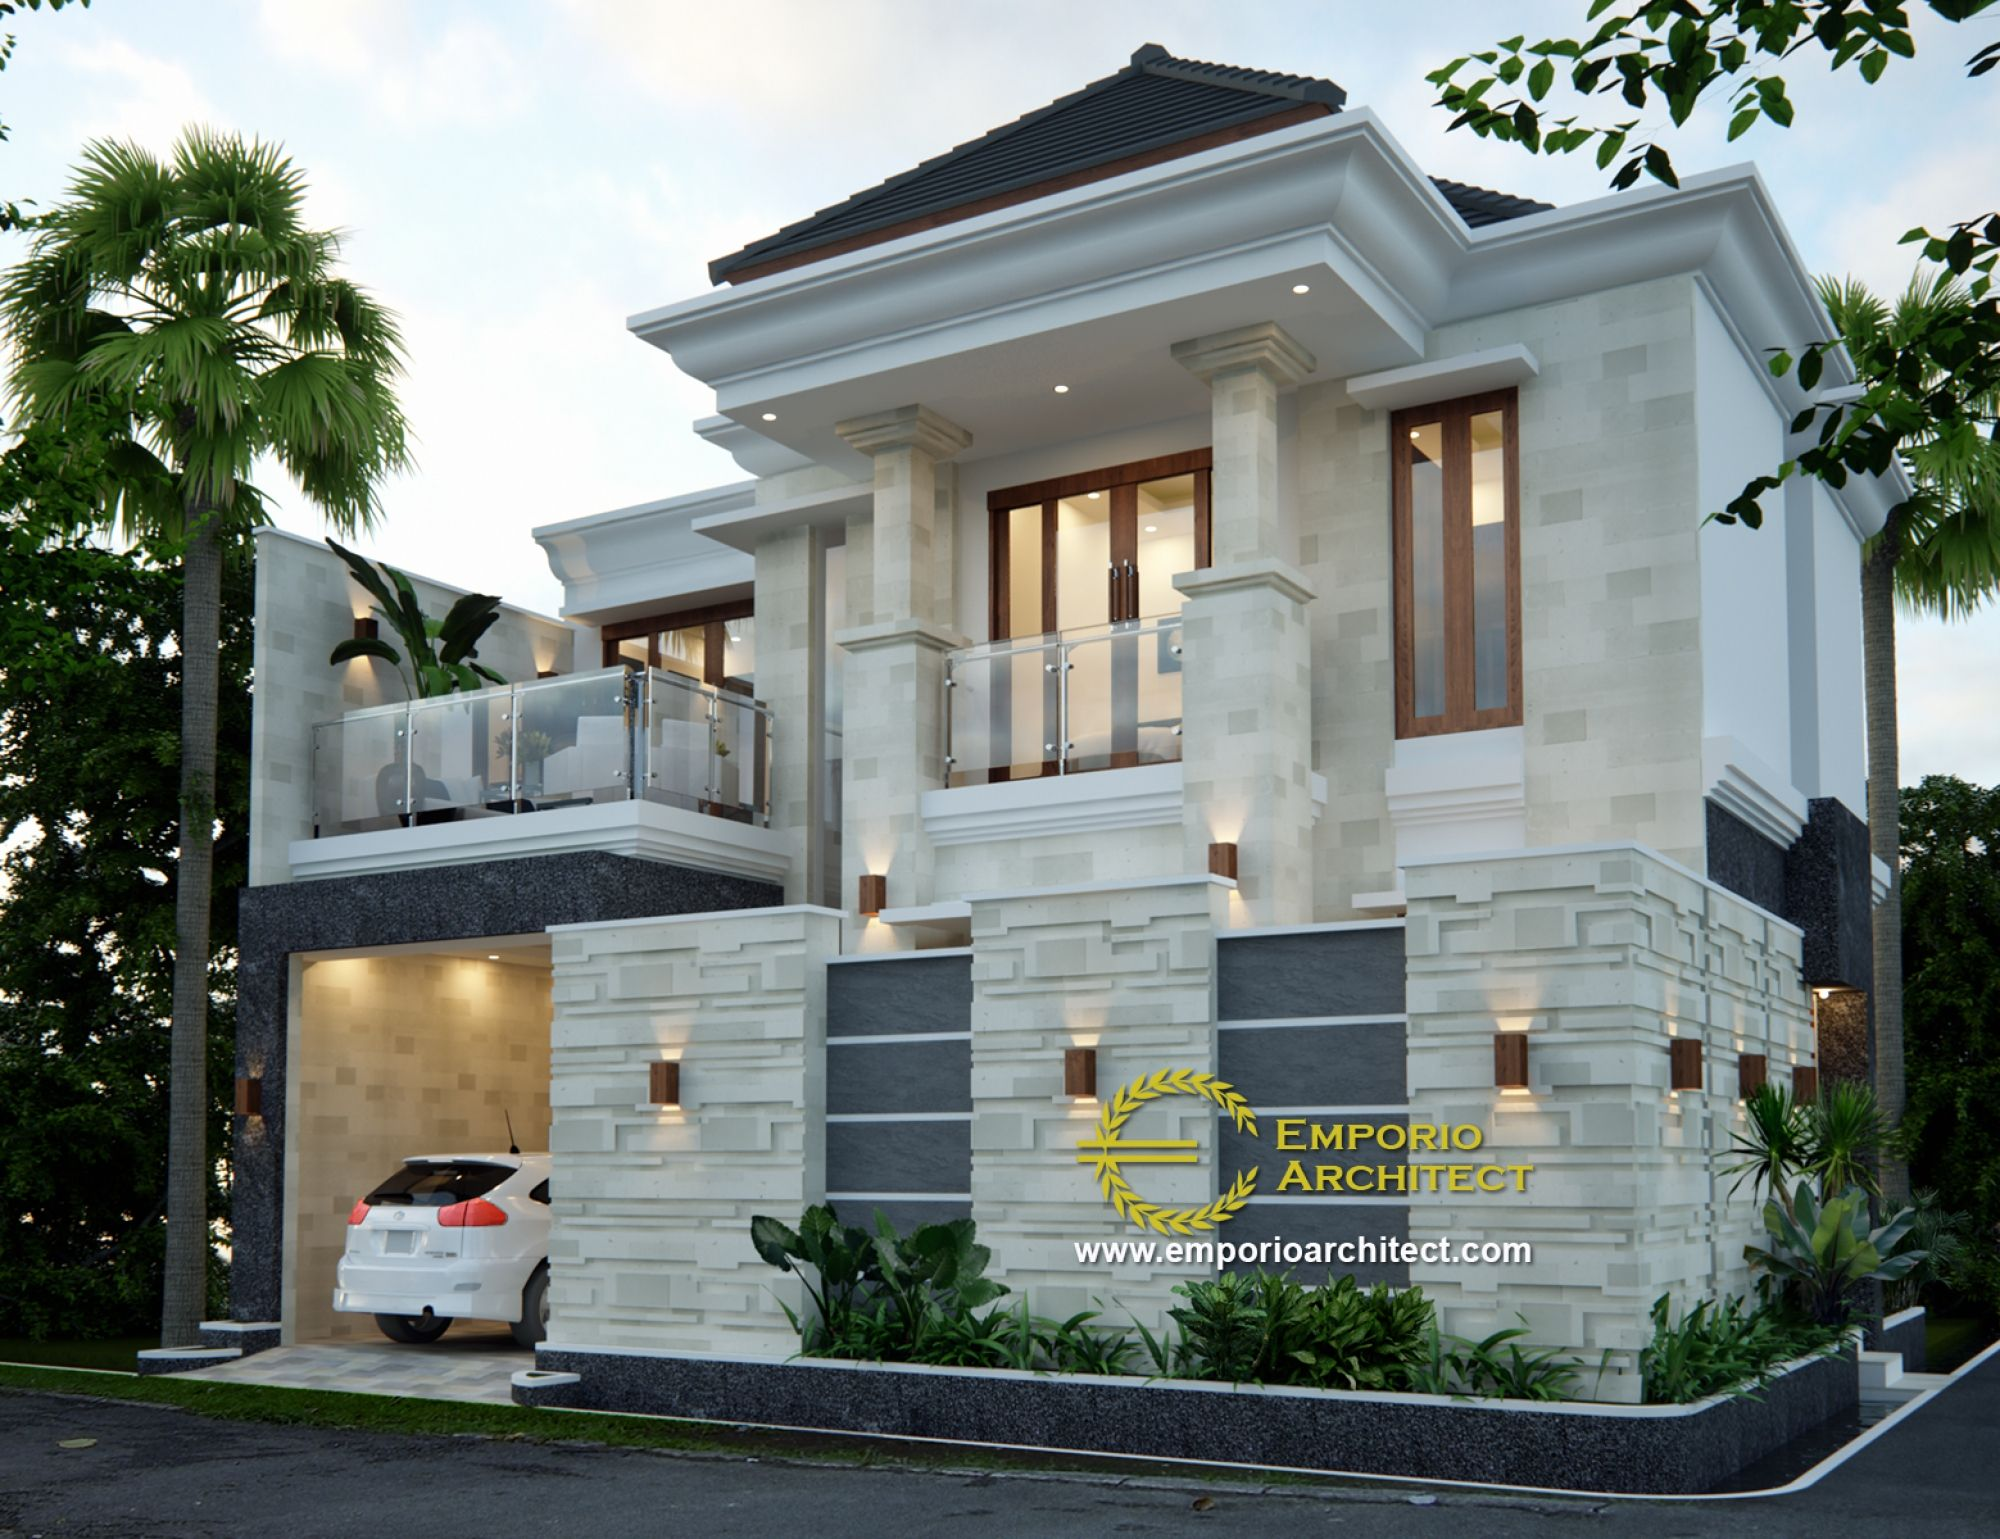 1010+ Ide Desain Rumah Arsitek HD Terbaru Untuk Di Contoh